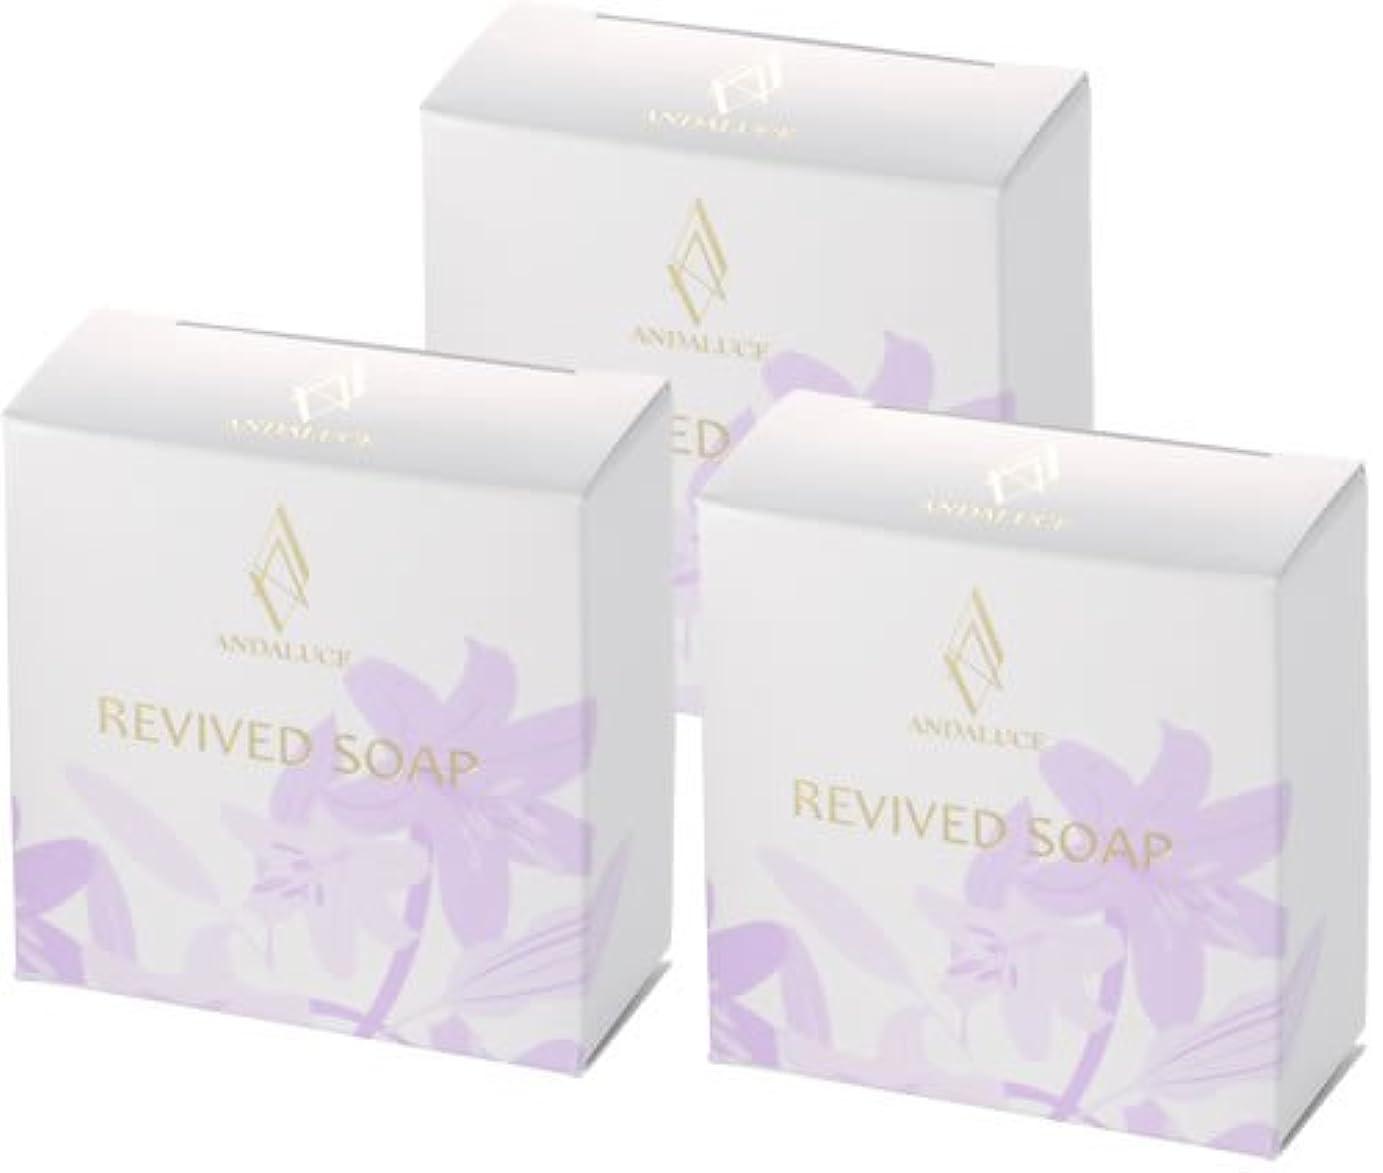 ペチュランスかき混ぜるずっとリバイブドソープ~REVIVED SOAP~(至高のAHAフルーツ酸SOAP)100g×3個セット